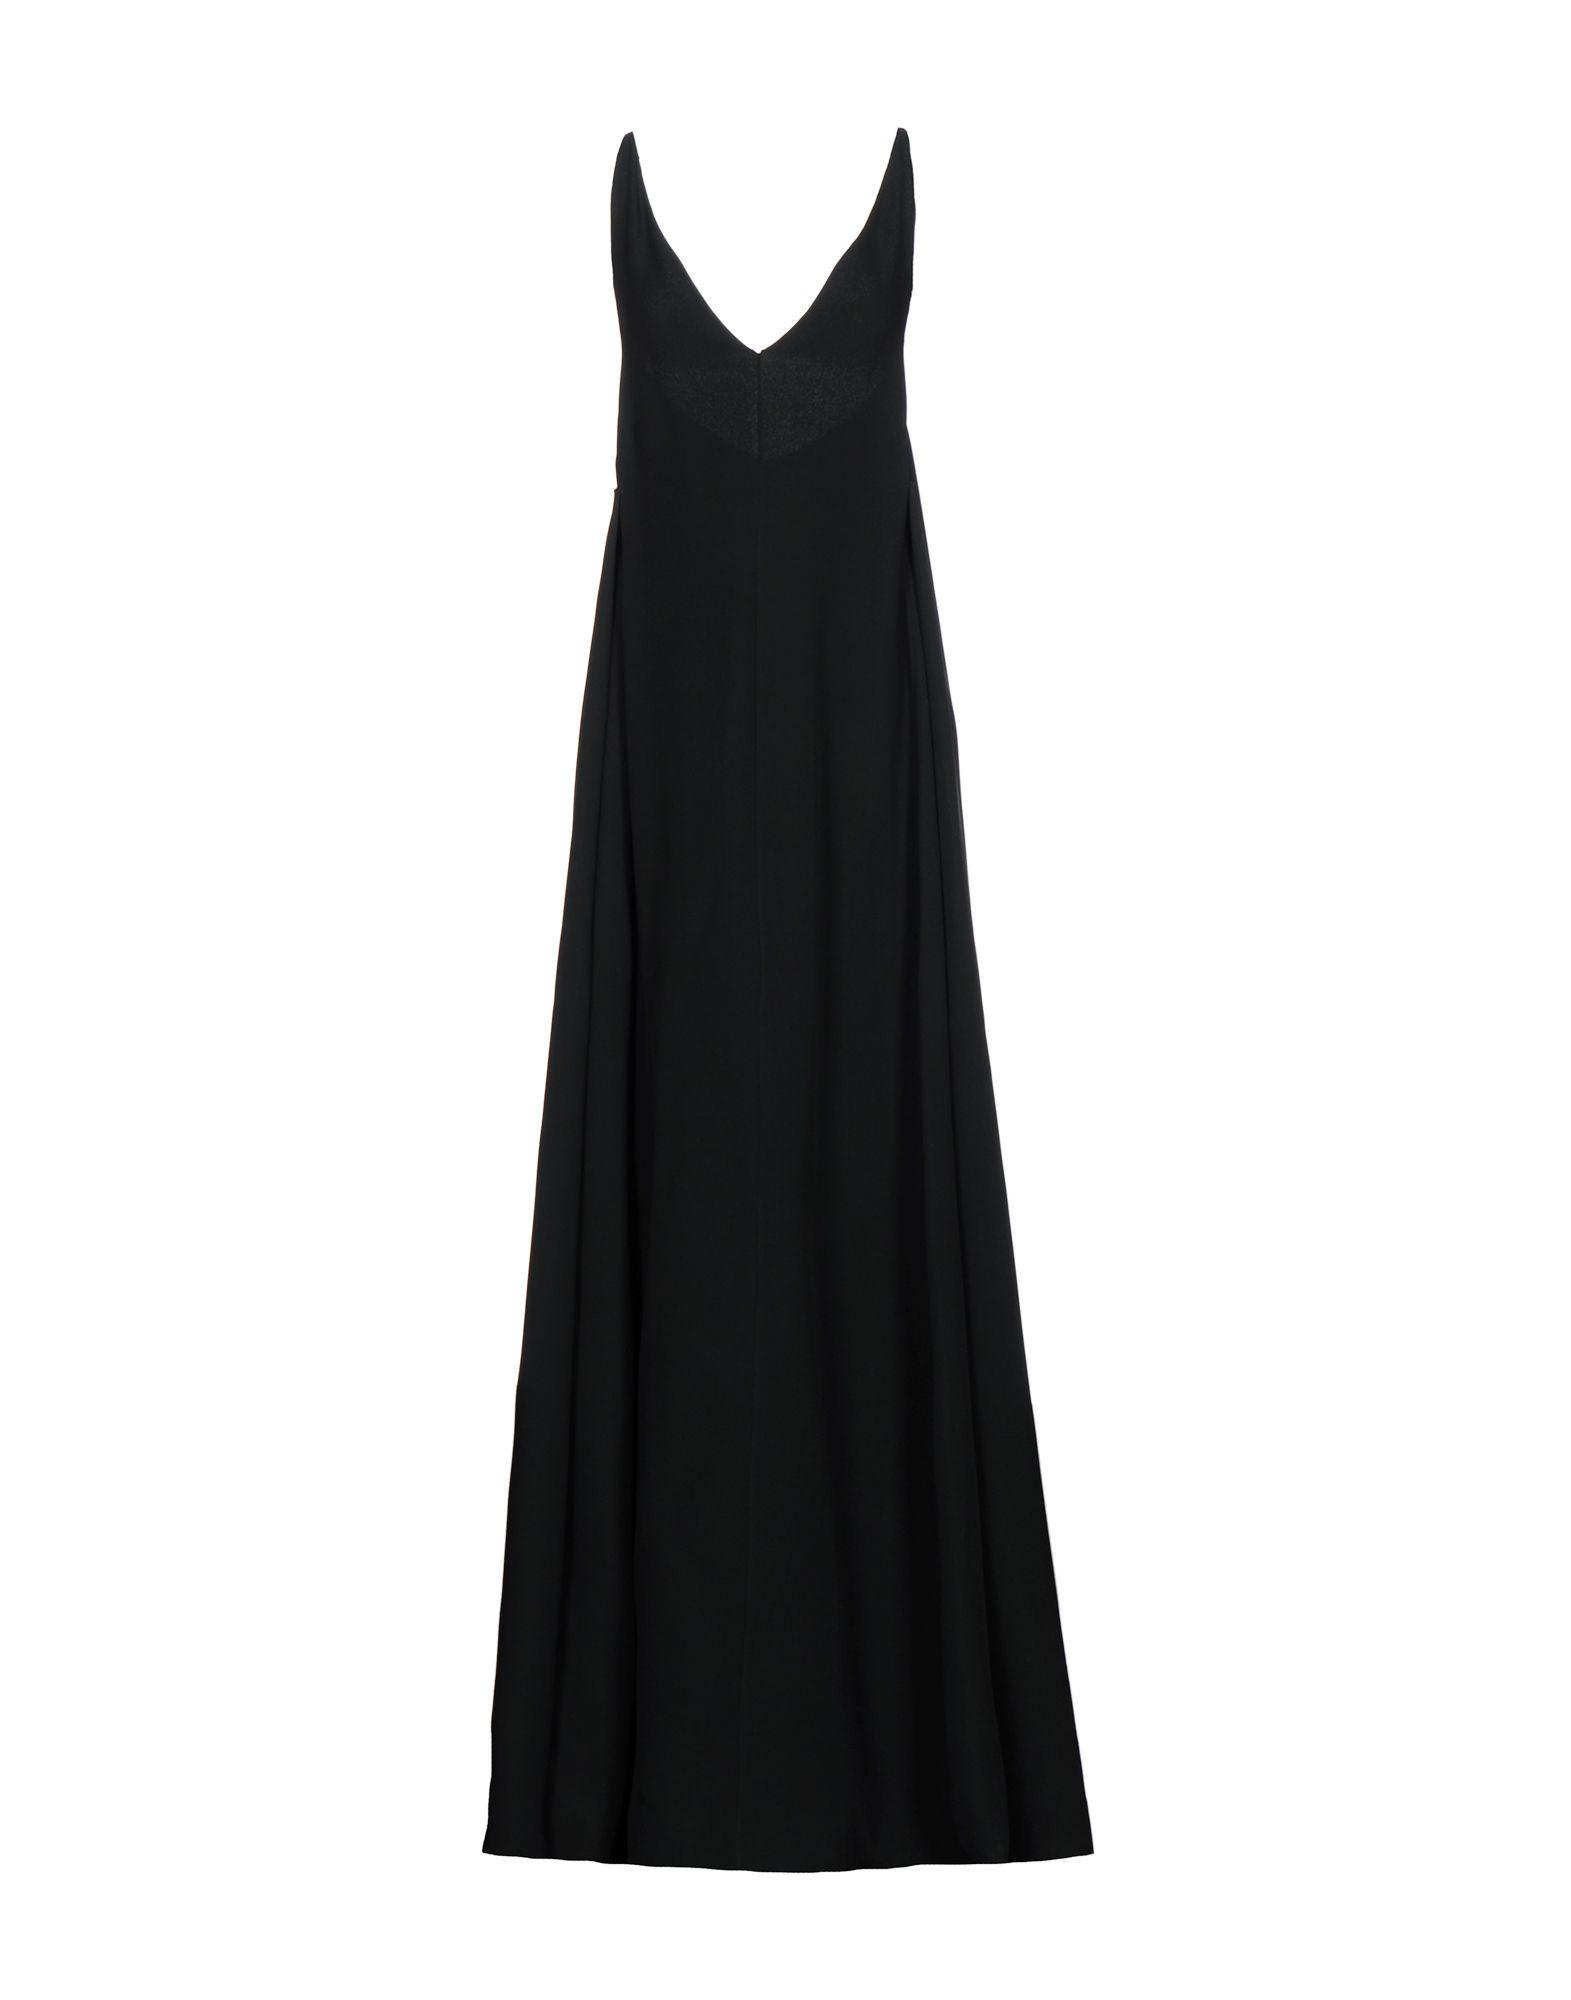 VALENTINO Длинное платье купить больное платье в стиле 18 19 века наташа ростова